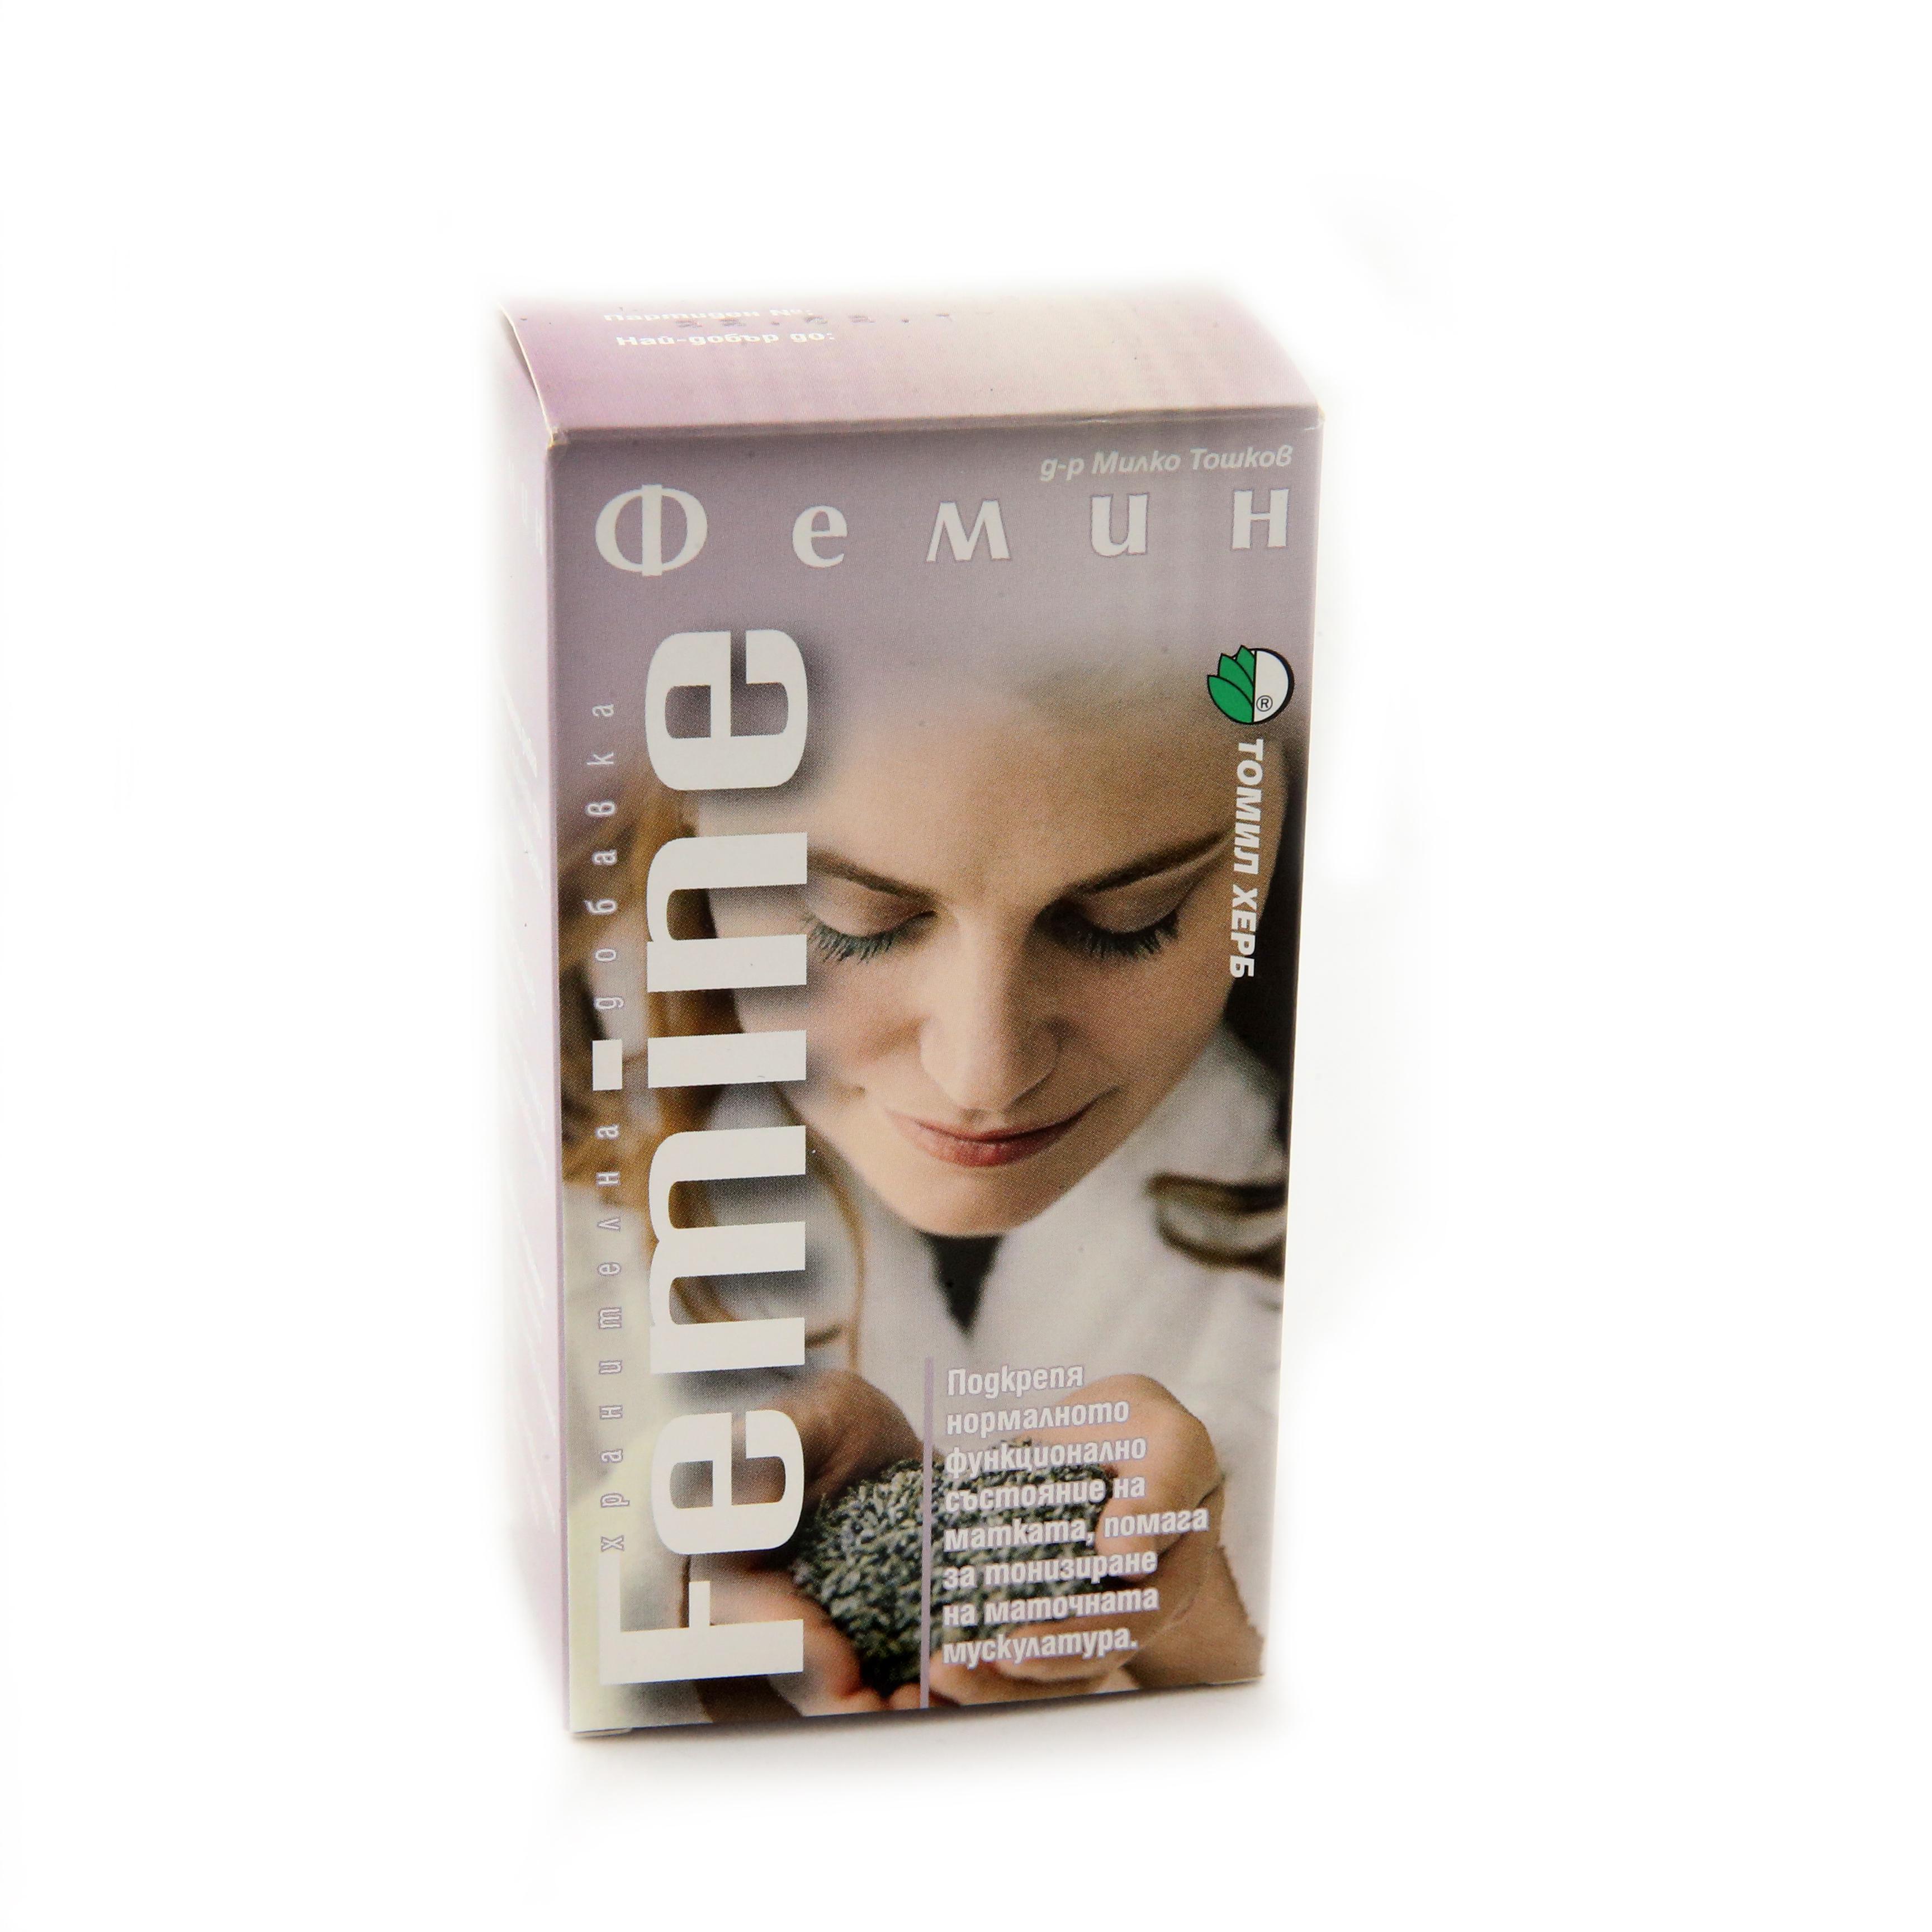 Как действа?  ФЕМИН / FEMIN е хранителна добавка на билкова основа, която се приема при проблеми на женската полова система като миома. Тонизира маточната мускулатура, подкрепя кръвосъсирването и регенерацията на лигавицата. Ограничава възпаленията на матката и маточните тръби. Премахва миомните възли и предотвратява кръвоизливите.  Билките, които се използват във ФЕМИН са екологично чисти. Събирани са в най-чистите райони на България - планините Родопи, Рила, Пирин и Стара Планина. Те са подготвени за максимално лесен прием от всеки пациент. В продукта не се влагат консерванти, оцветители и стабилизатори.  Какво е Инулин и как действа?  Инулин - важна съставна част в изработването на билковия продукт, който е натурален извлек от растението цикория. Инулин е пребиотик, който подпомага развитието на Bifidus бактериите в храносмилателния тракт. Когато човек приема инулин повишава за 14 дни със 70 % количеството на Bifidus бактериите и подобрява с 50 % усвояемостта на микроелементите калций, магнезий и желязо. Това прави инулина незаменим помощник при дисбактериоза и остеопороза.   Състав:        Състав 1 табл. в мг Дневна доза в мг   Инулин        175            1050   Невен       37.5             225   Камшик       37.5             225   Очиболец       37.5             225   Турта       37.5             225   Котешка стъпка       37.5             225   Овчарска торбичка       37.5             225   Цариче       27.5             165   Бял равнец       27.5             165   Живовлек       27.5             165   Маточина       17.5             105           Вижте и останалите продукти на Tomil Herb и ако имате нужда от консултация, може да го направите чрез фукнцията лайв чат с фармацевт.